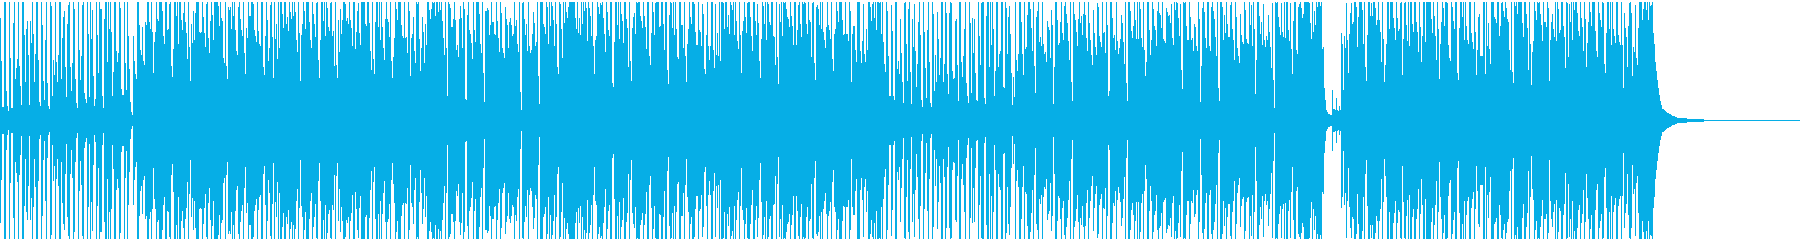 映像YouTube風汎用性高いハッピーの再生済みの波形